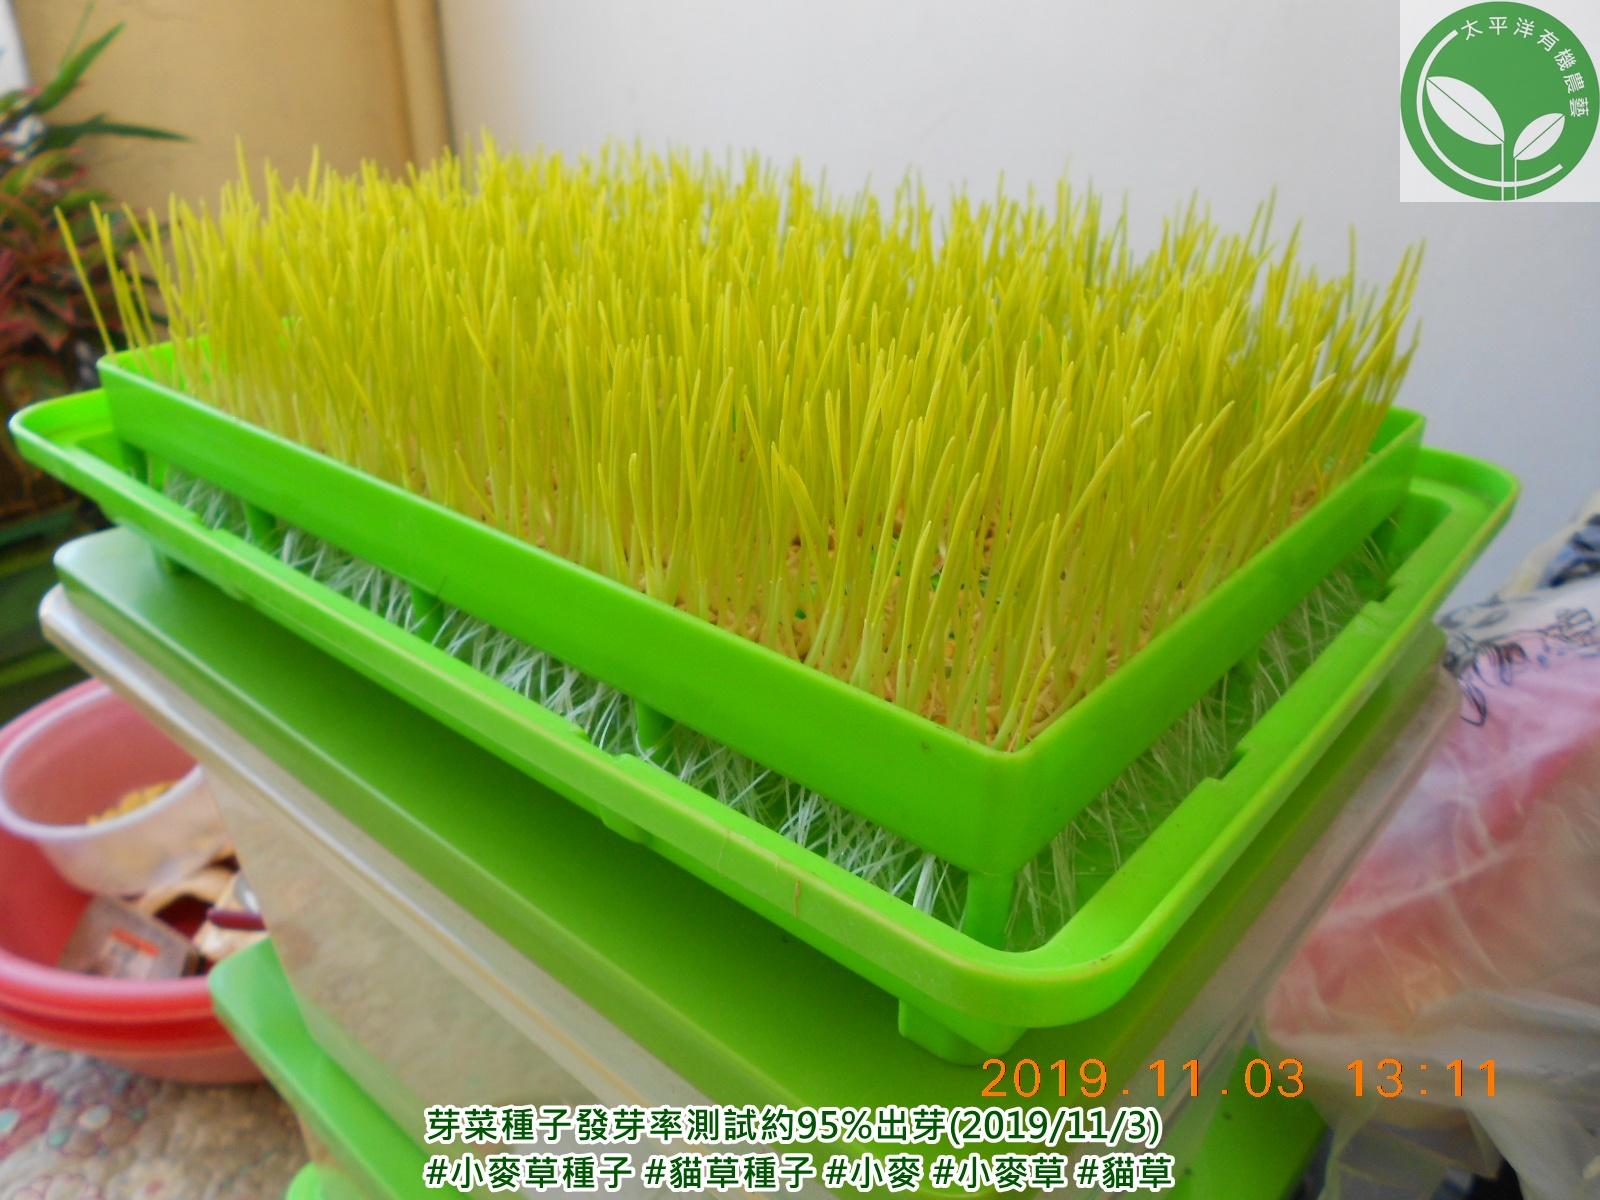 小麥,貓草,種貓草,如何種貓草,貓草水耕,小麥草,蝦皮小麥草種子,貓草怎麼種,水耕小麥草,貓草種植